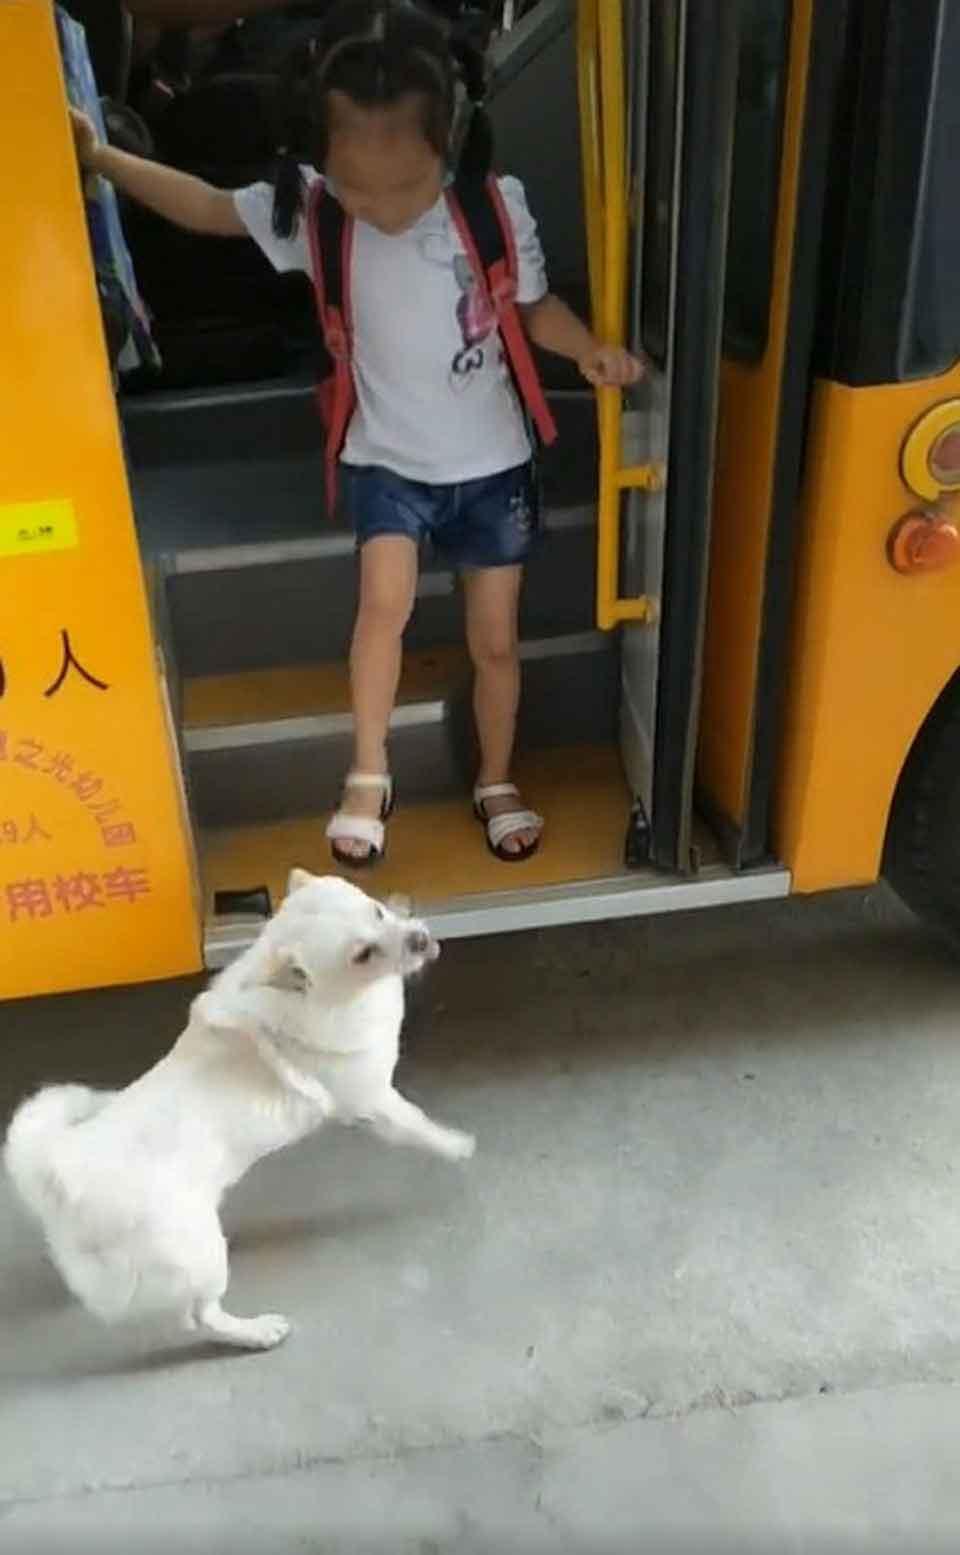 Faithful dog waiting young owner bus safe